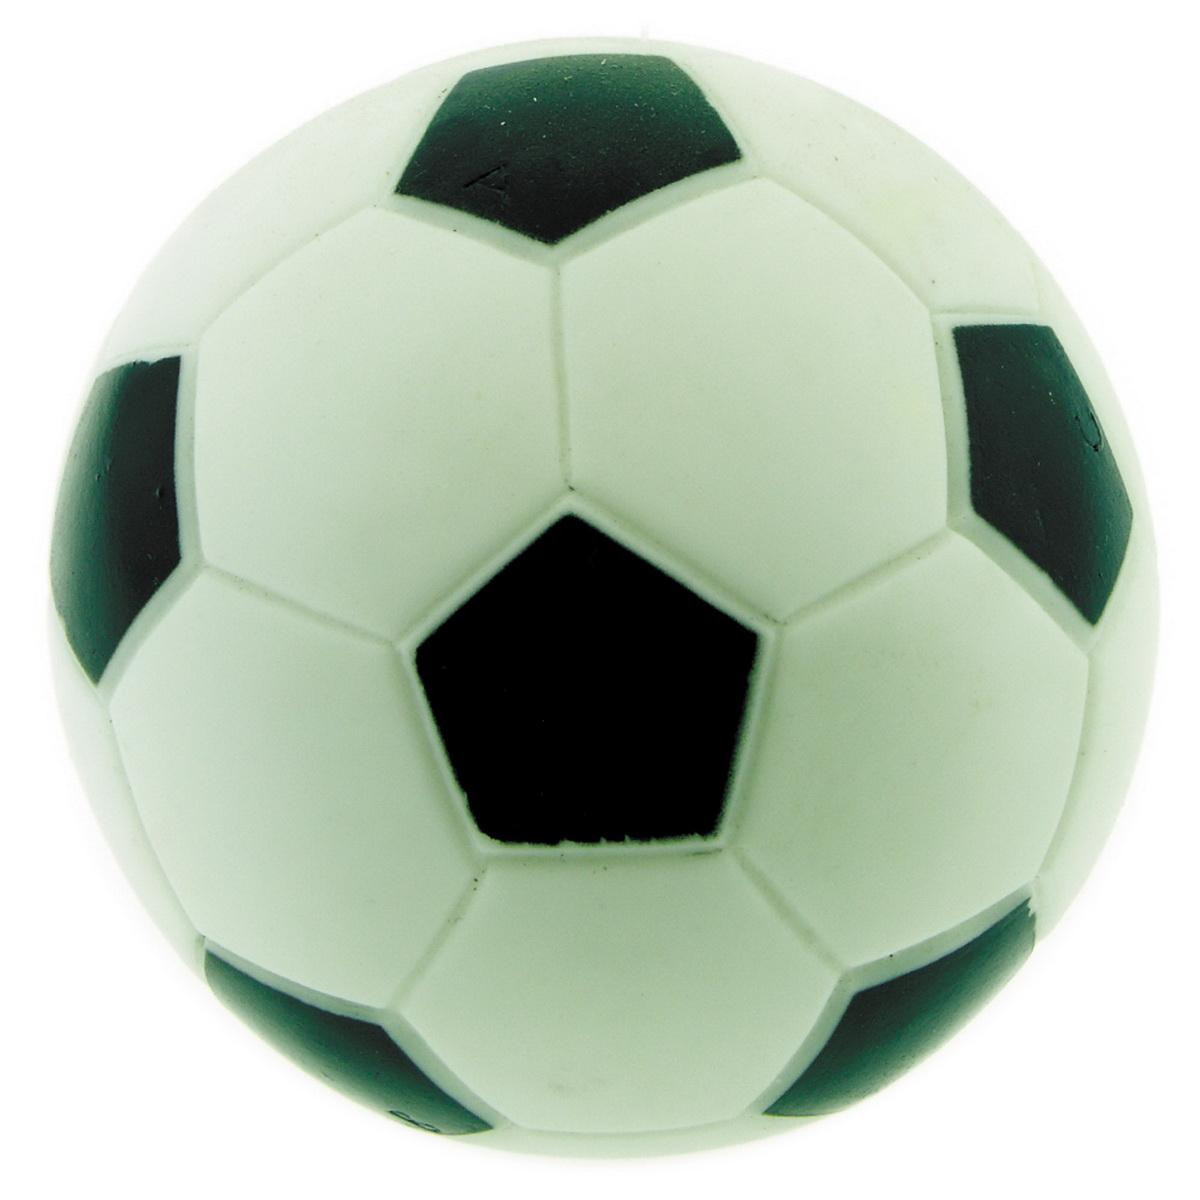 Игрушка для собак Dezzie Мяч. Футбол, диаметр 7,8 см5604067Игрушка для собак Dezzie Мяч. Футбол изготовлена из винила в виде футбольного мяча. Такая игрушка практична, функциональна и совершенно безопасна для здоровья животного. Ее легко мыть и дезинфицировать. Игрушка очень легкая, поэтому собаке совсем нетрудно брать ее в пасть и переносить с места на место. Игрушка для собак Dezzie Мяч. Футбол станет прекрасным подарком для неугомонного четвероногого питомца.Диаметр мяча: 7,8 см.